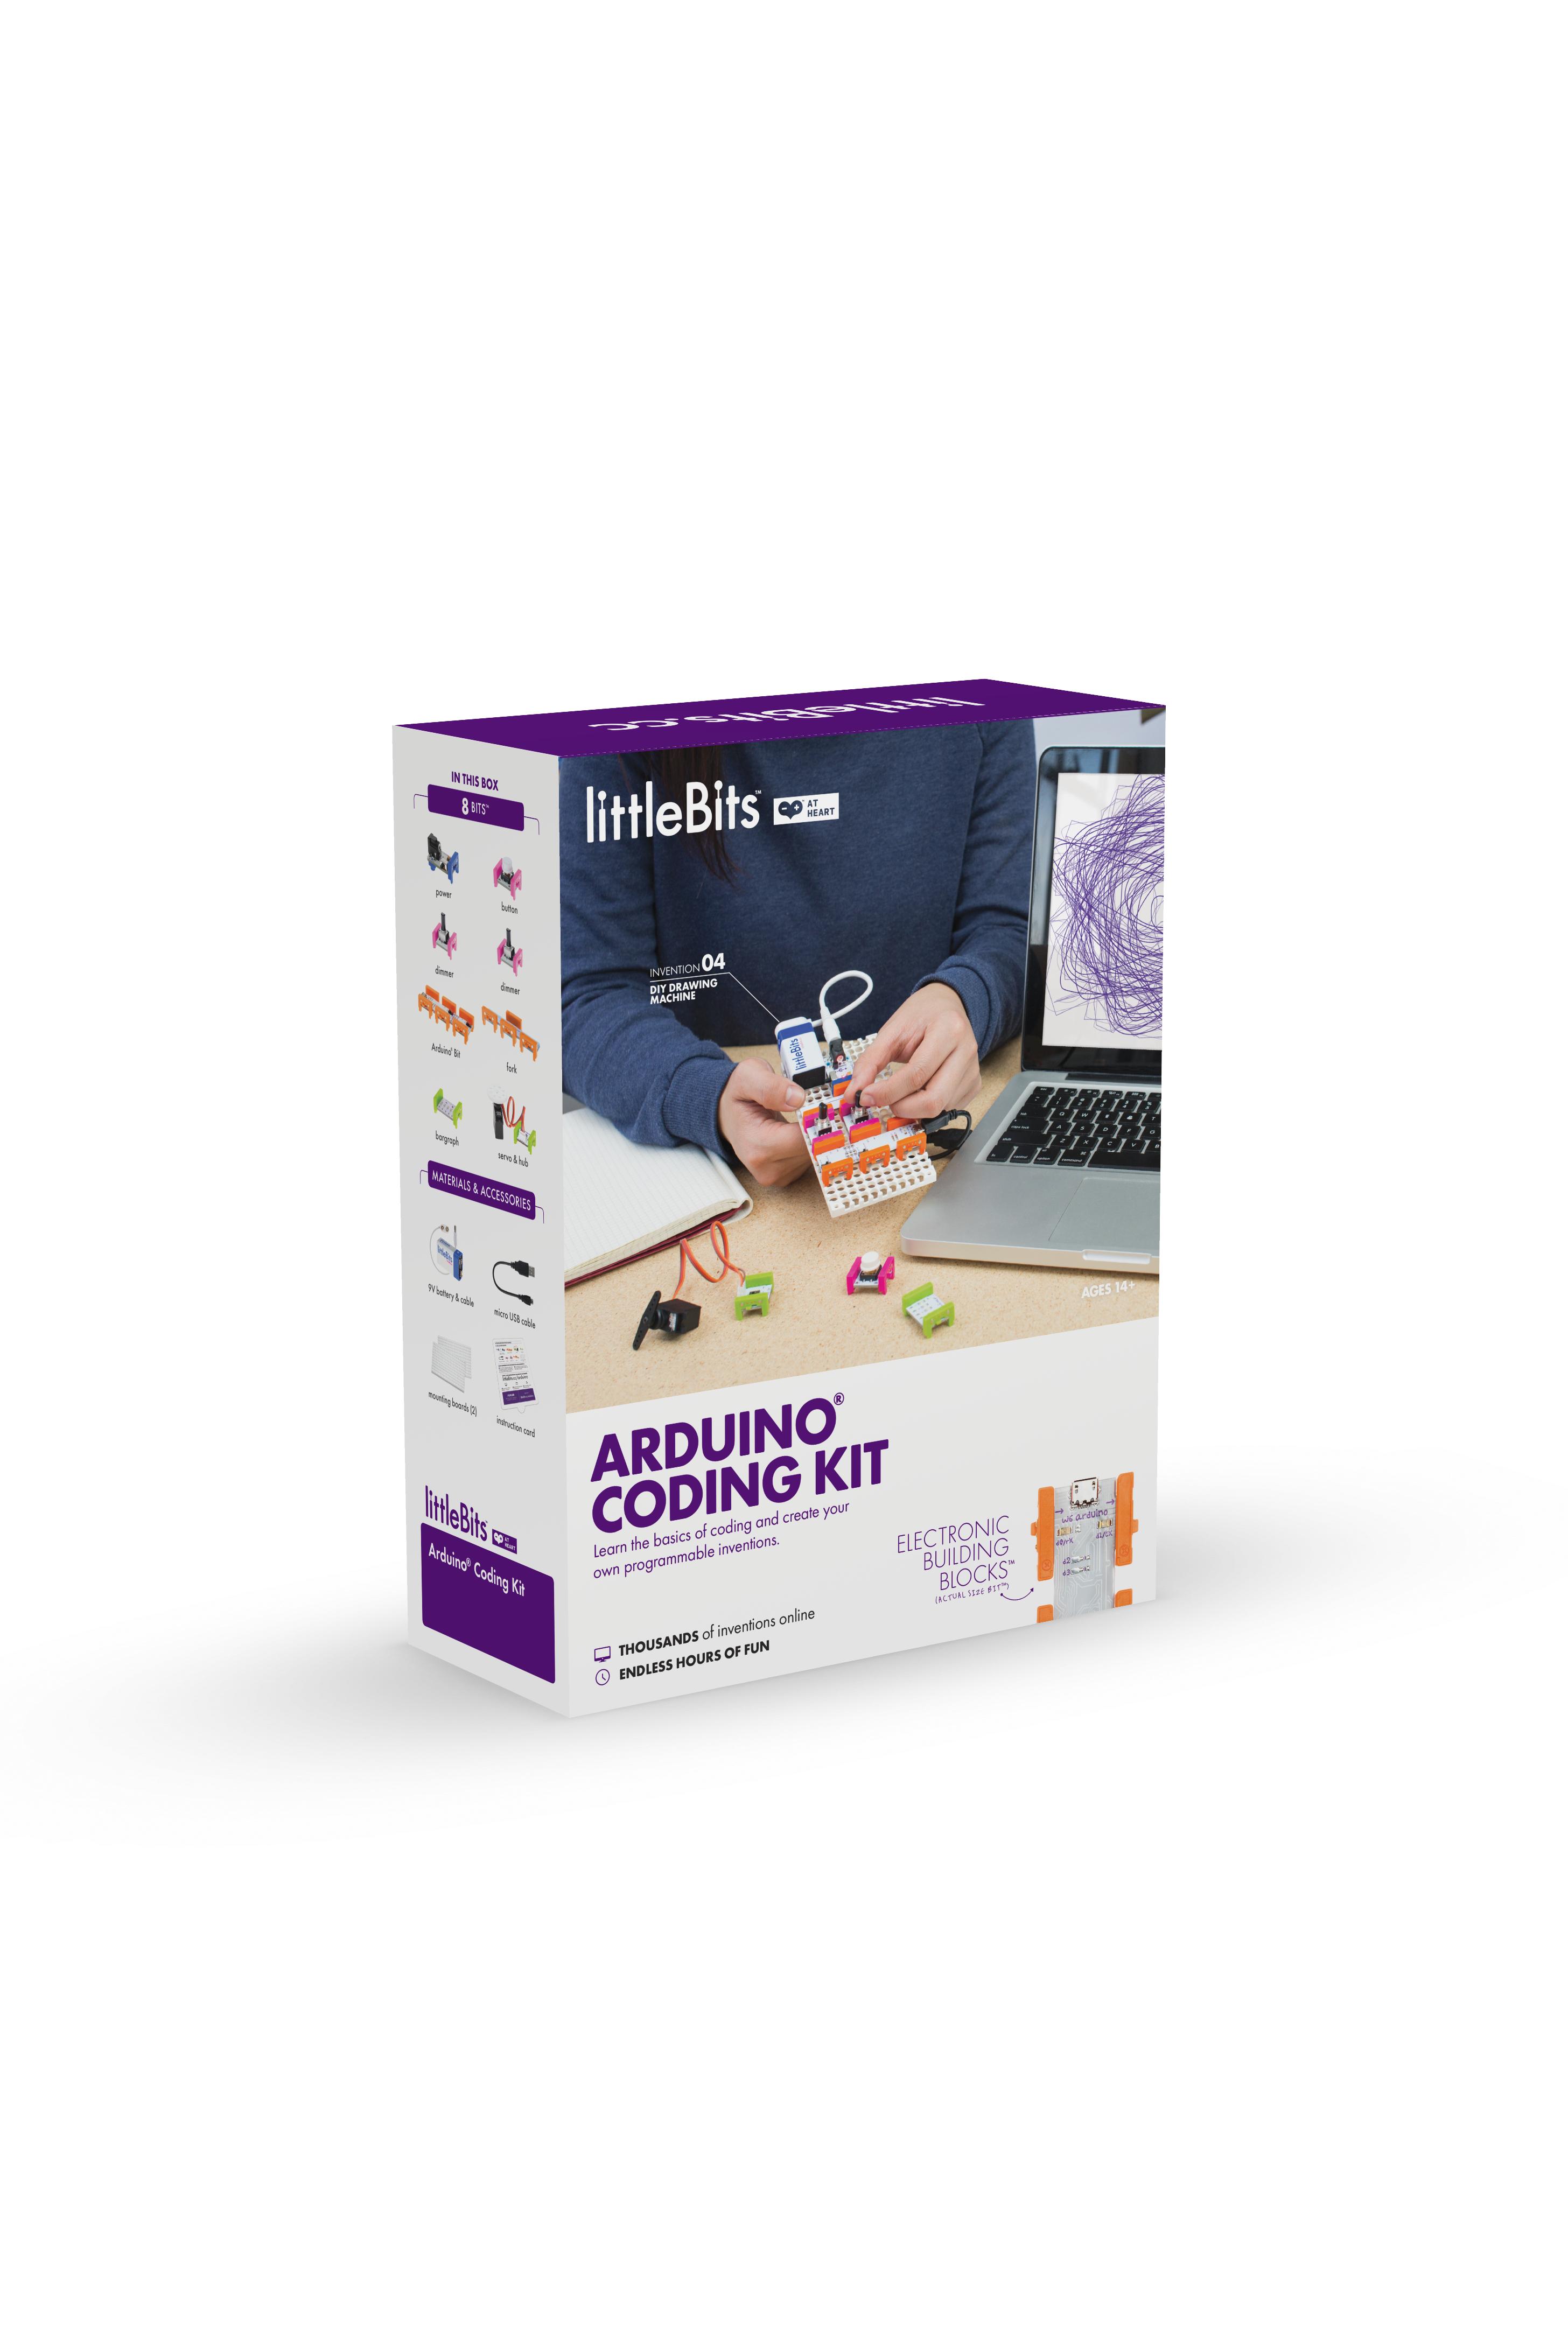 Aruduino Coding Kit